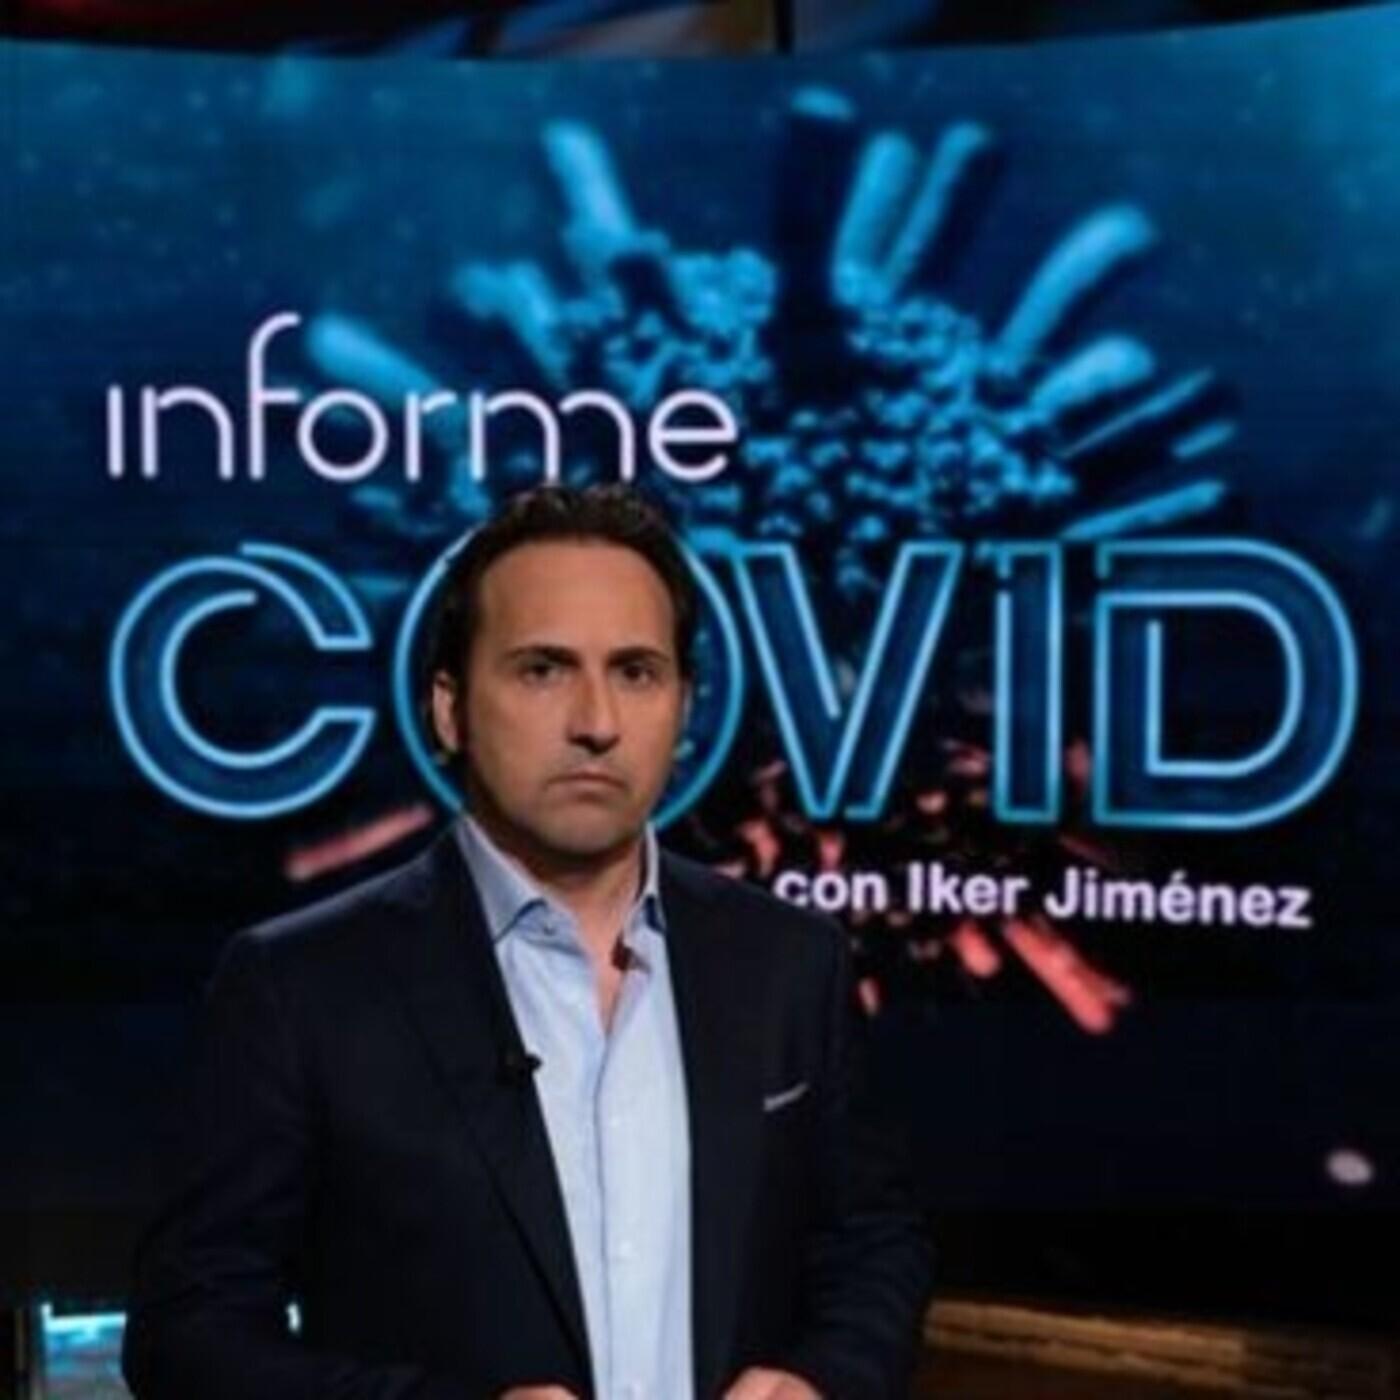 Informe Covid Episodio 4 (08-10-2020): La guerra de la vacuna